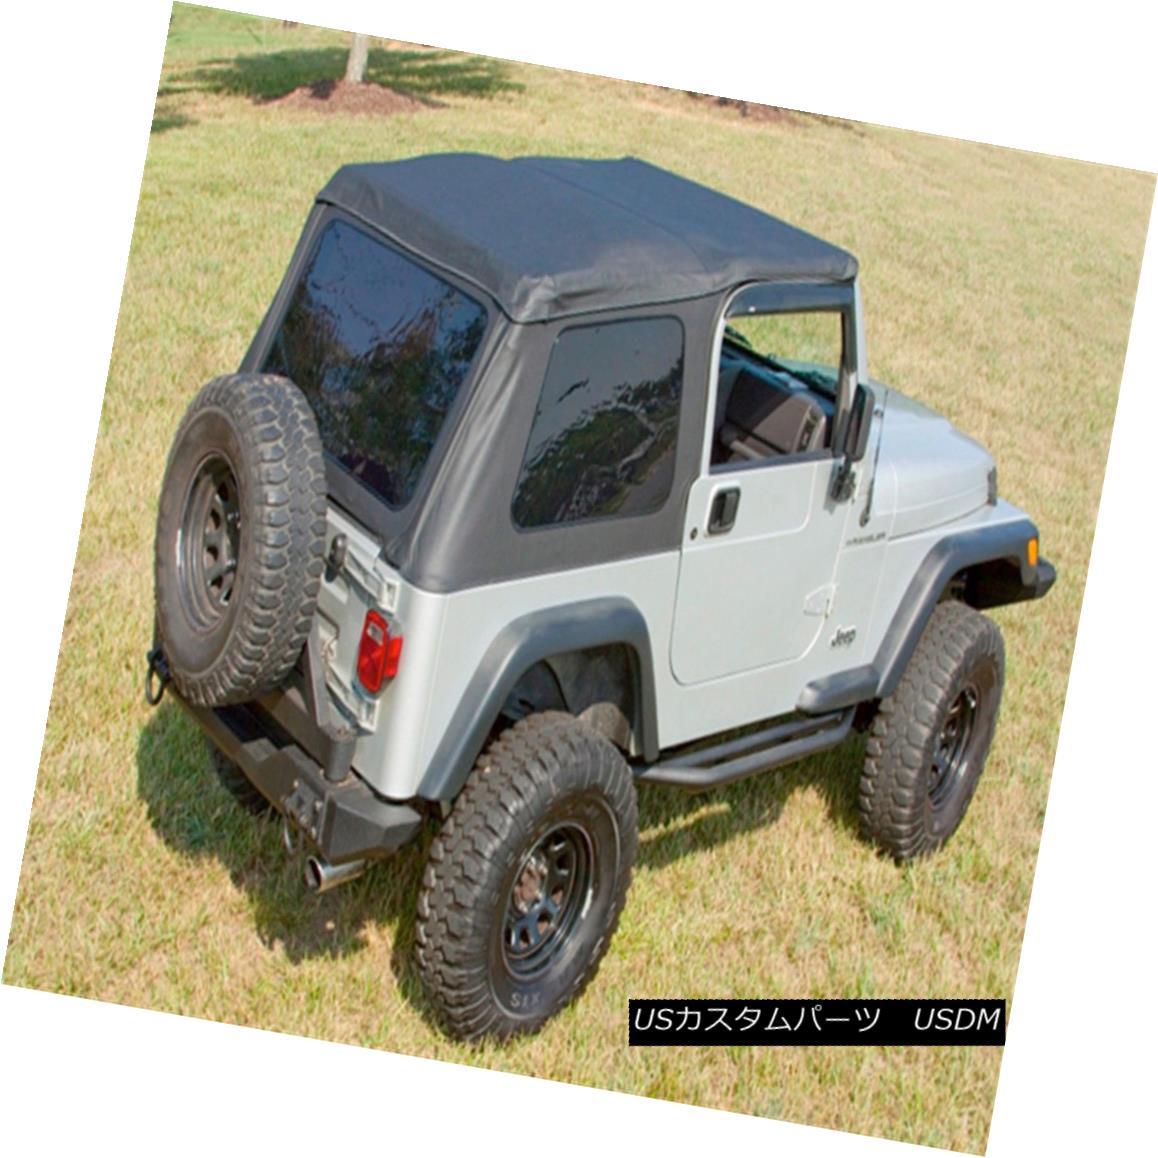 幌・ソフトトップ Rugged Ridge 13751.35 XHD Soft Top Fits 97-06 Wrangler (TJ) Rugged Ridge 13751.35 XHDソフトトップフィット97-06 Wrangler(TJ)